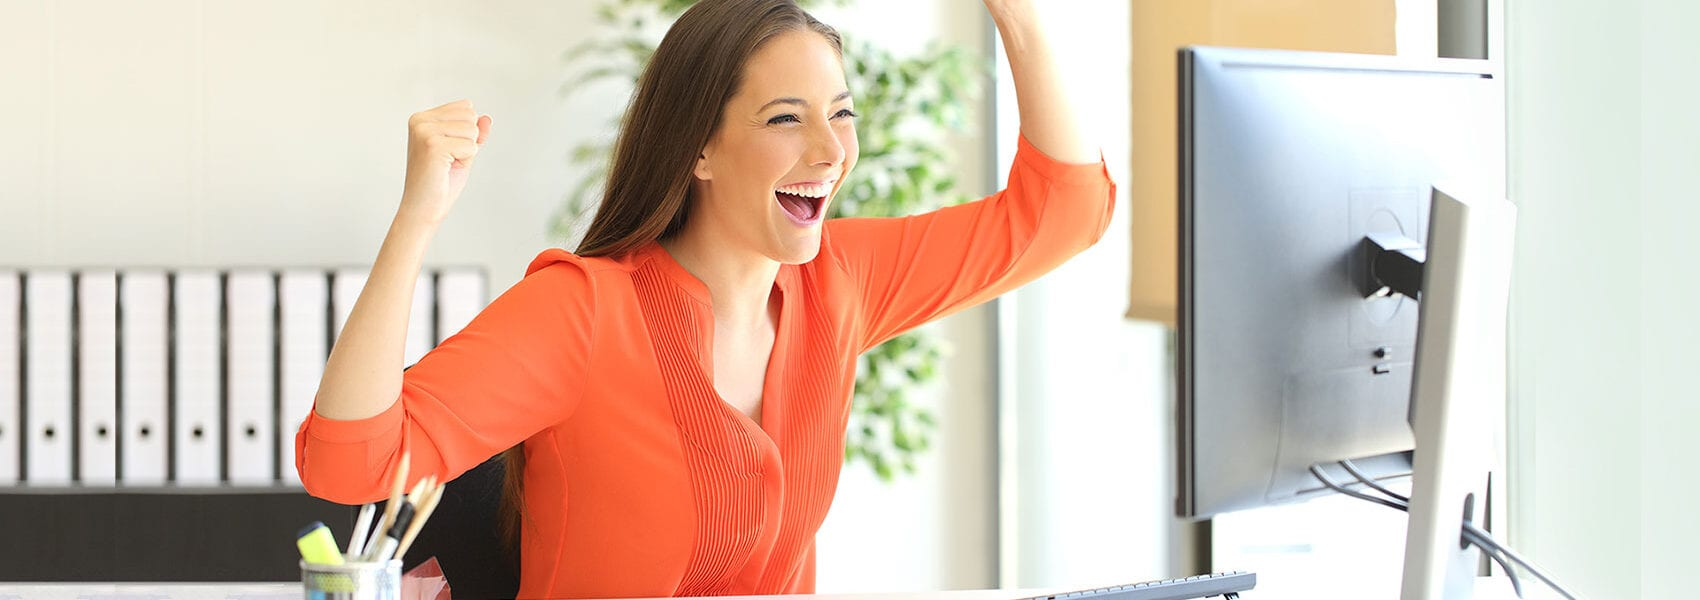 happy website client